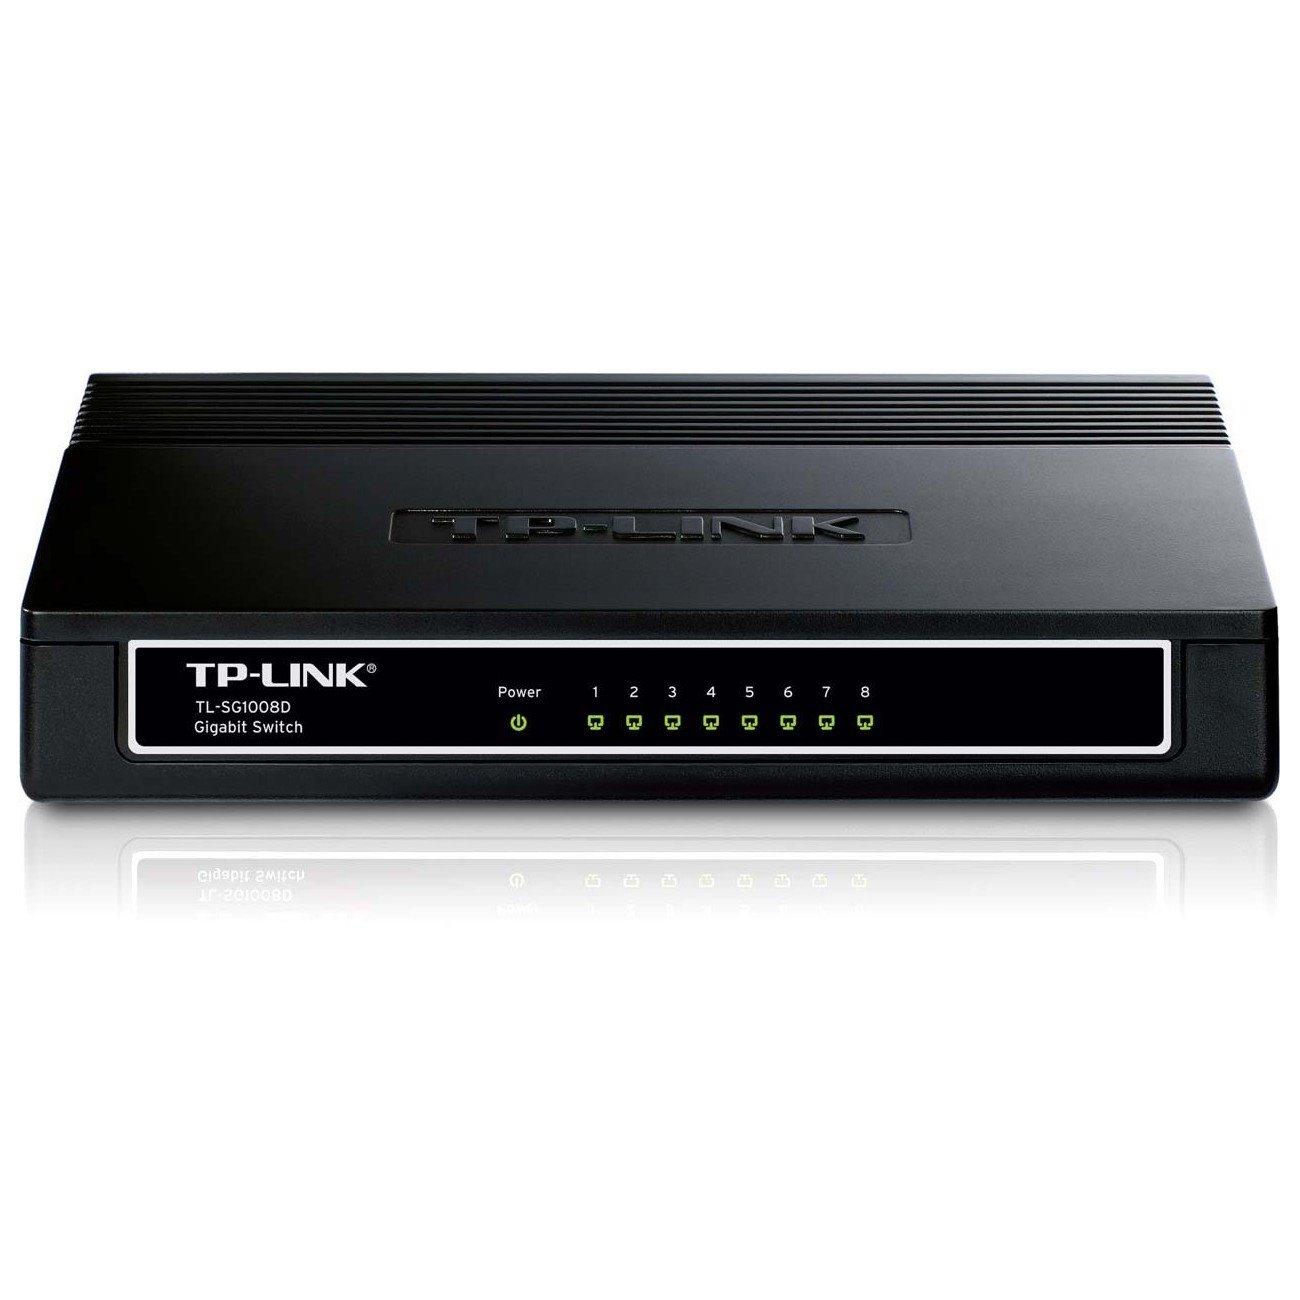 TP-LINK TL-SG1008D 8 Ports Ethernet Switch